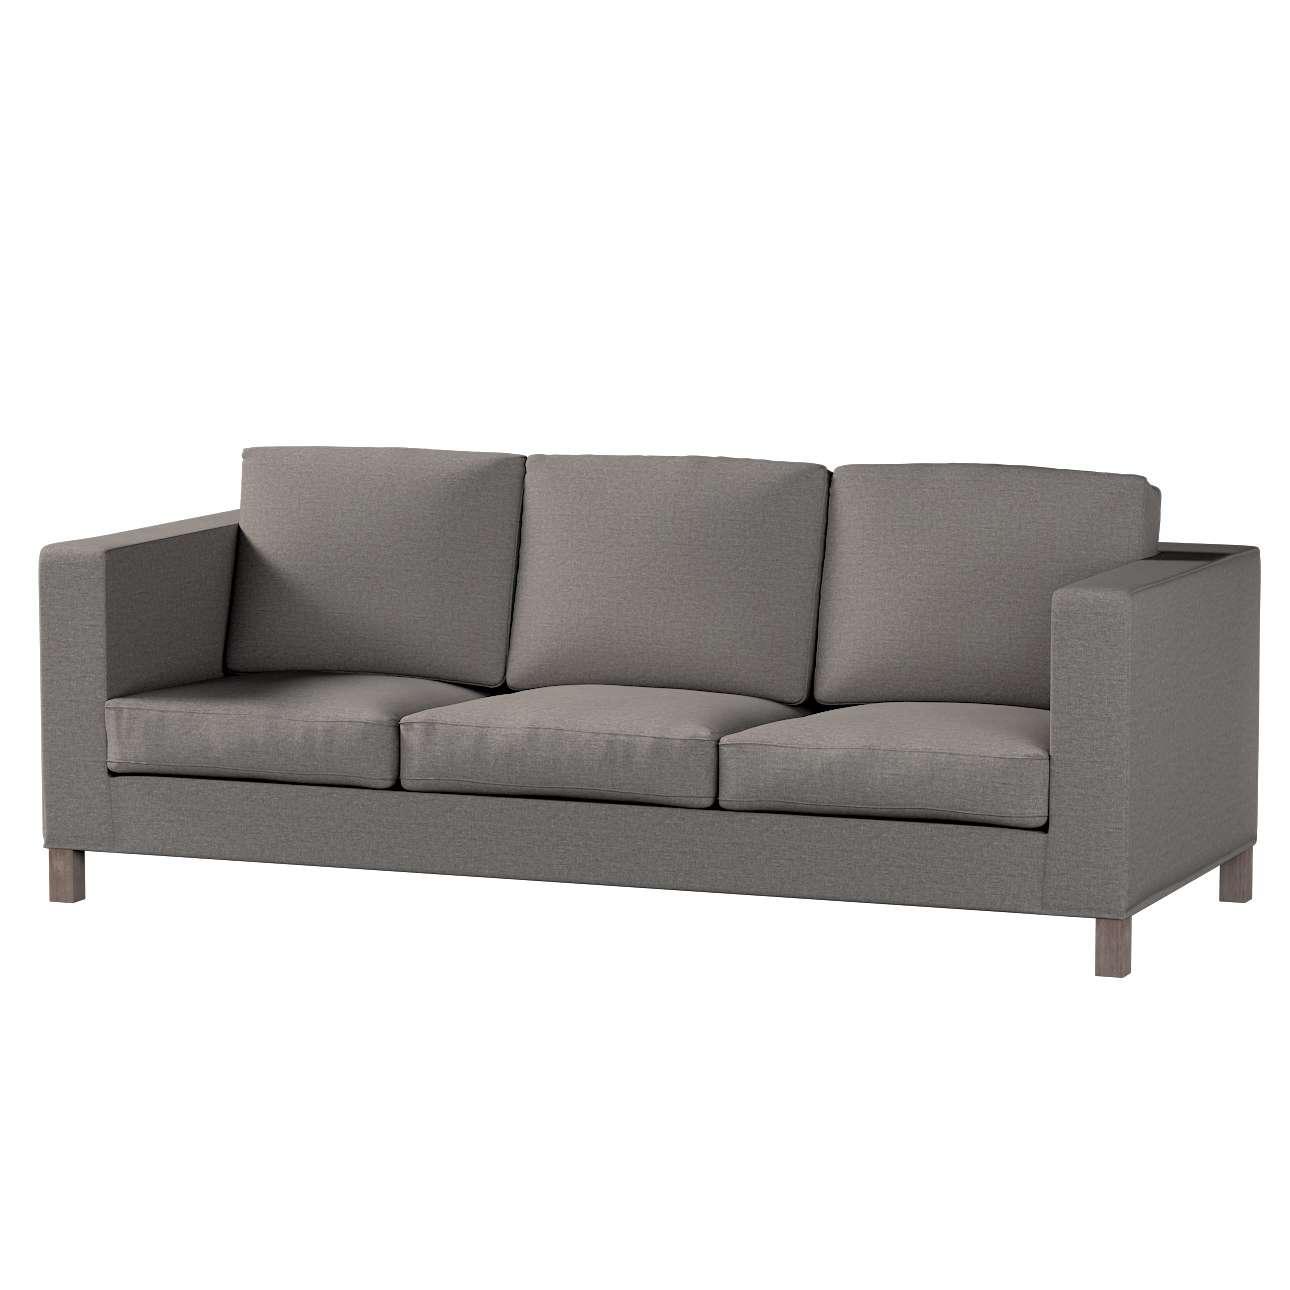 Pokrowiec na sofę Karlanda 3-osobową nierozkładaną, krótki w kolekcji Edinburgh, tkanina: 115-77